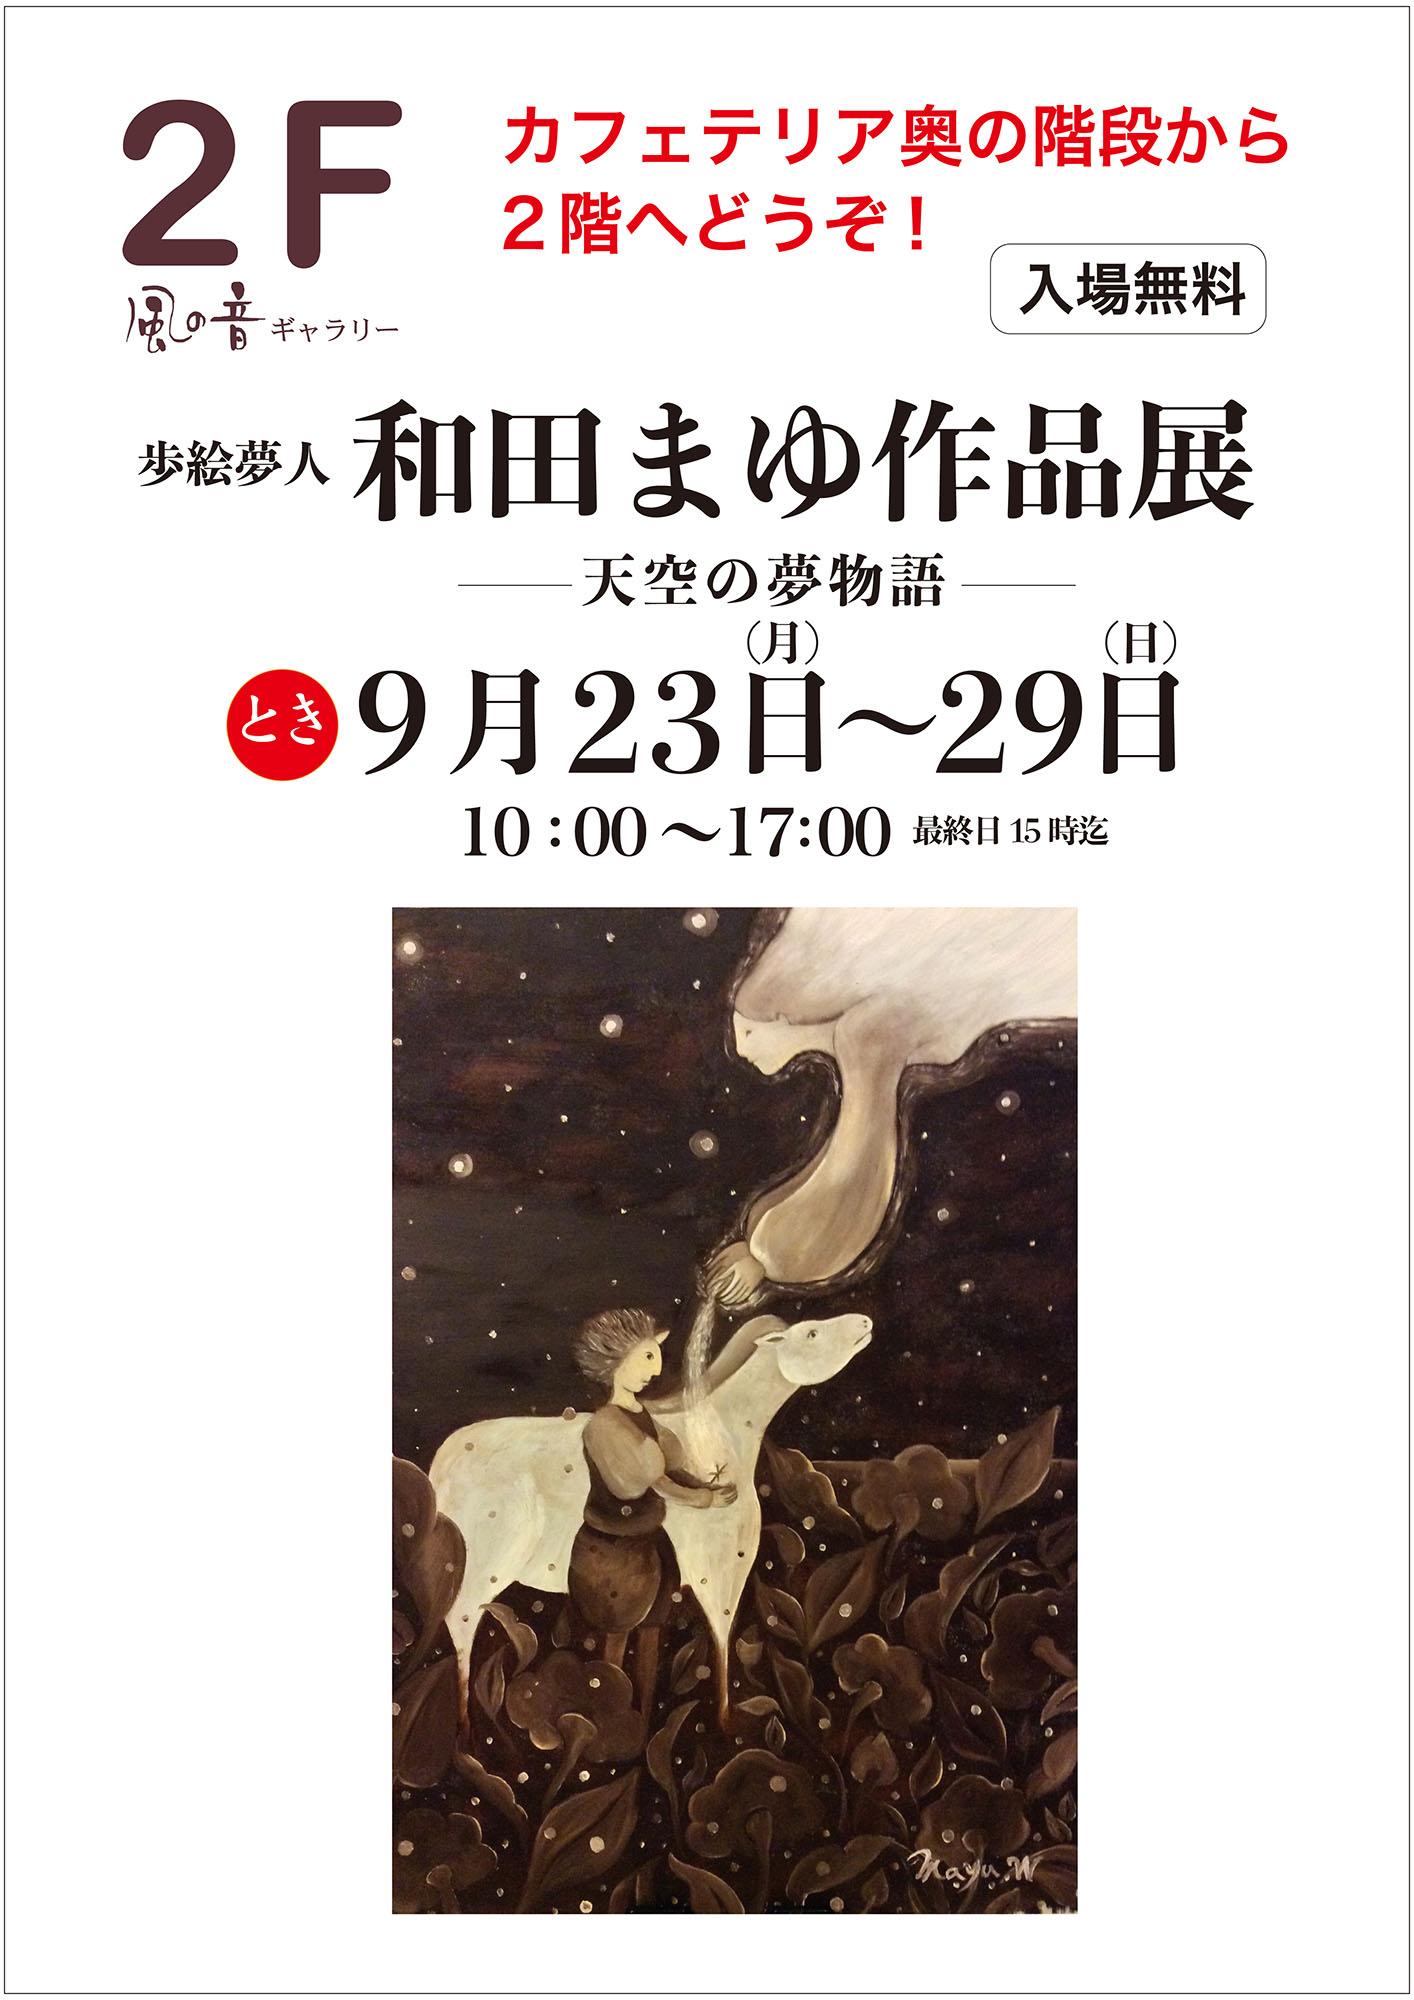 さかえ屋 風の音ギャラリー 和田まゆ作品展